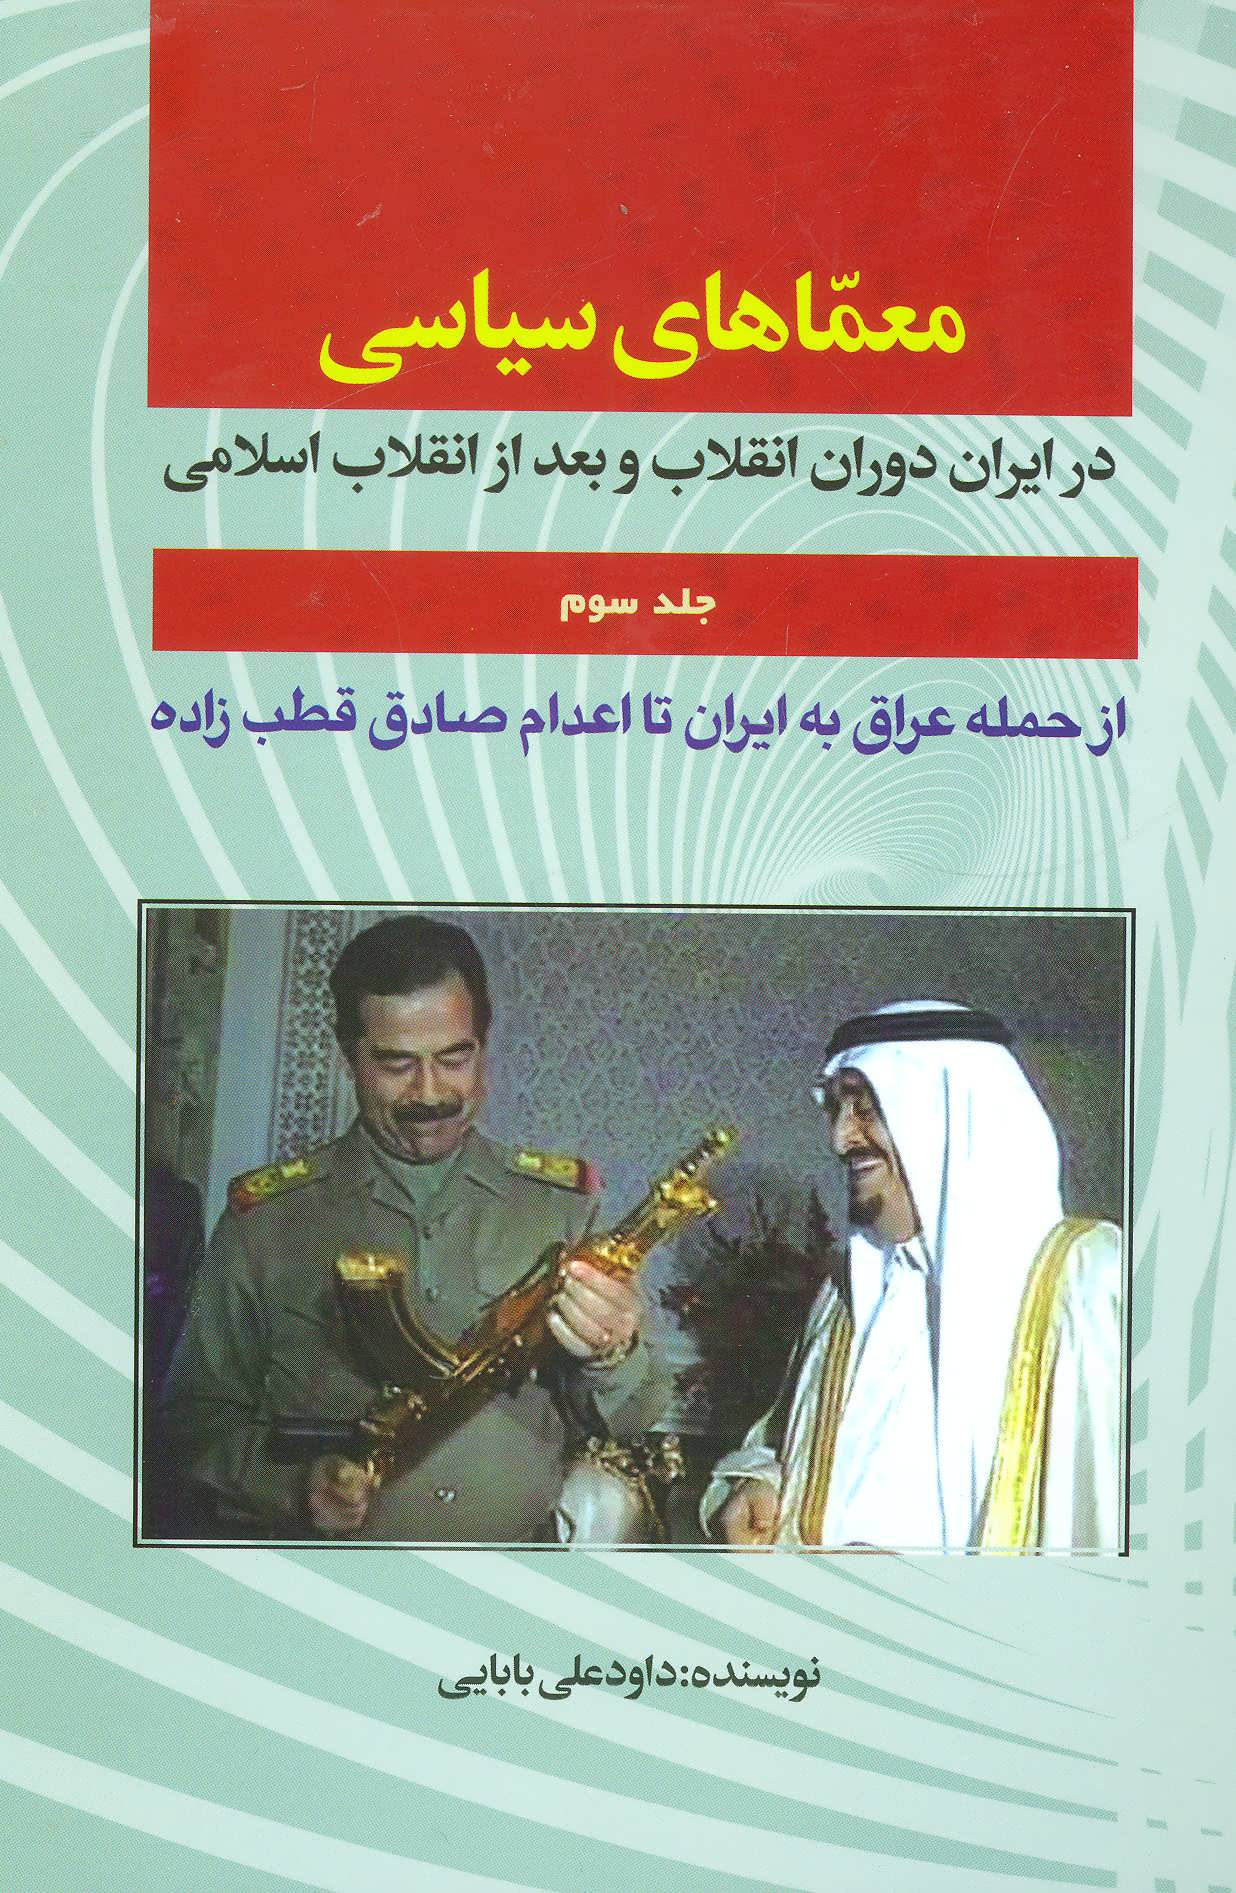 معماهای سیاسی در ایران دوران انقلاب و بعد از انقلاب 3 (از حمله عراق به ایران تا اعدام صادق قطب زاده)